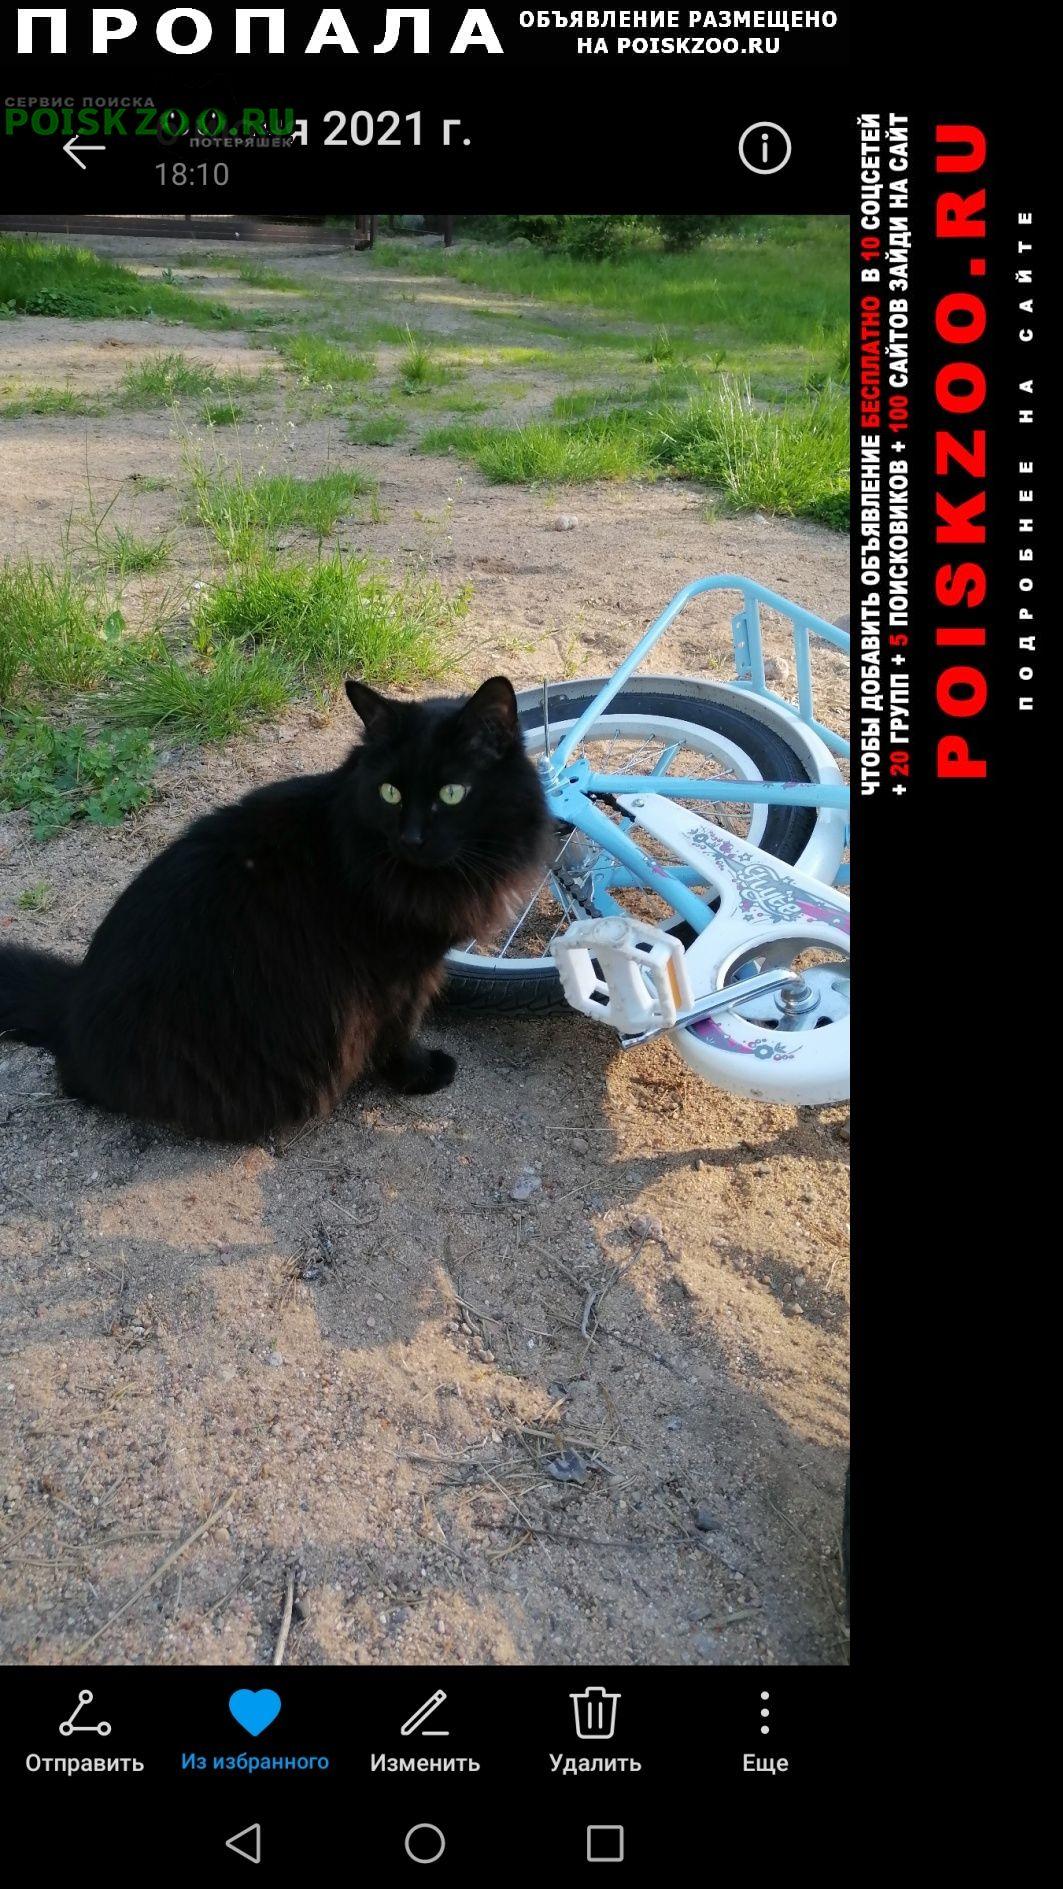 Пропал кот 12 лет Выборг